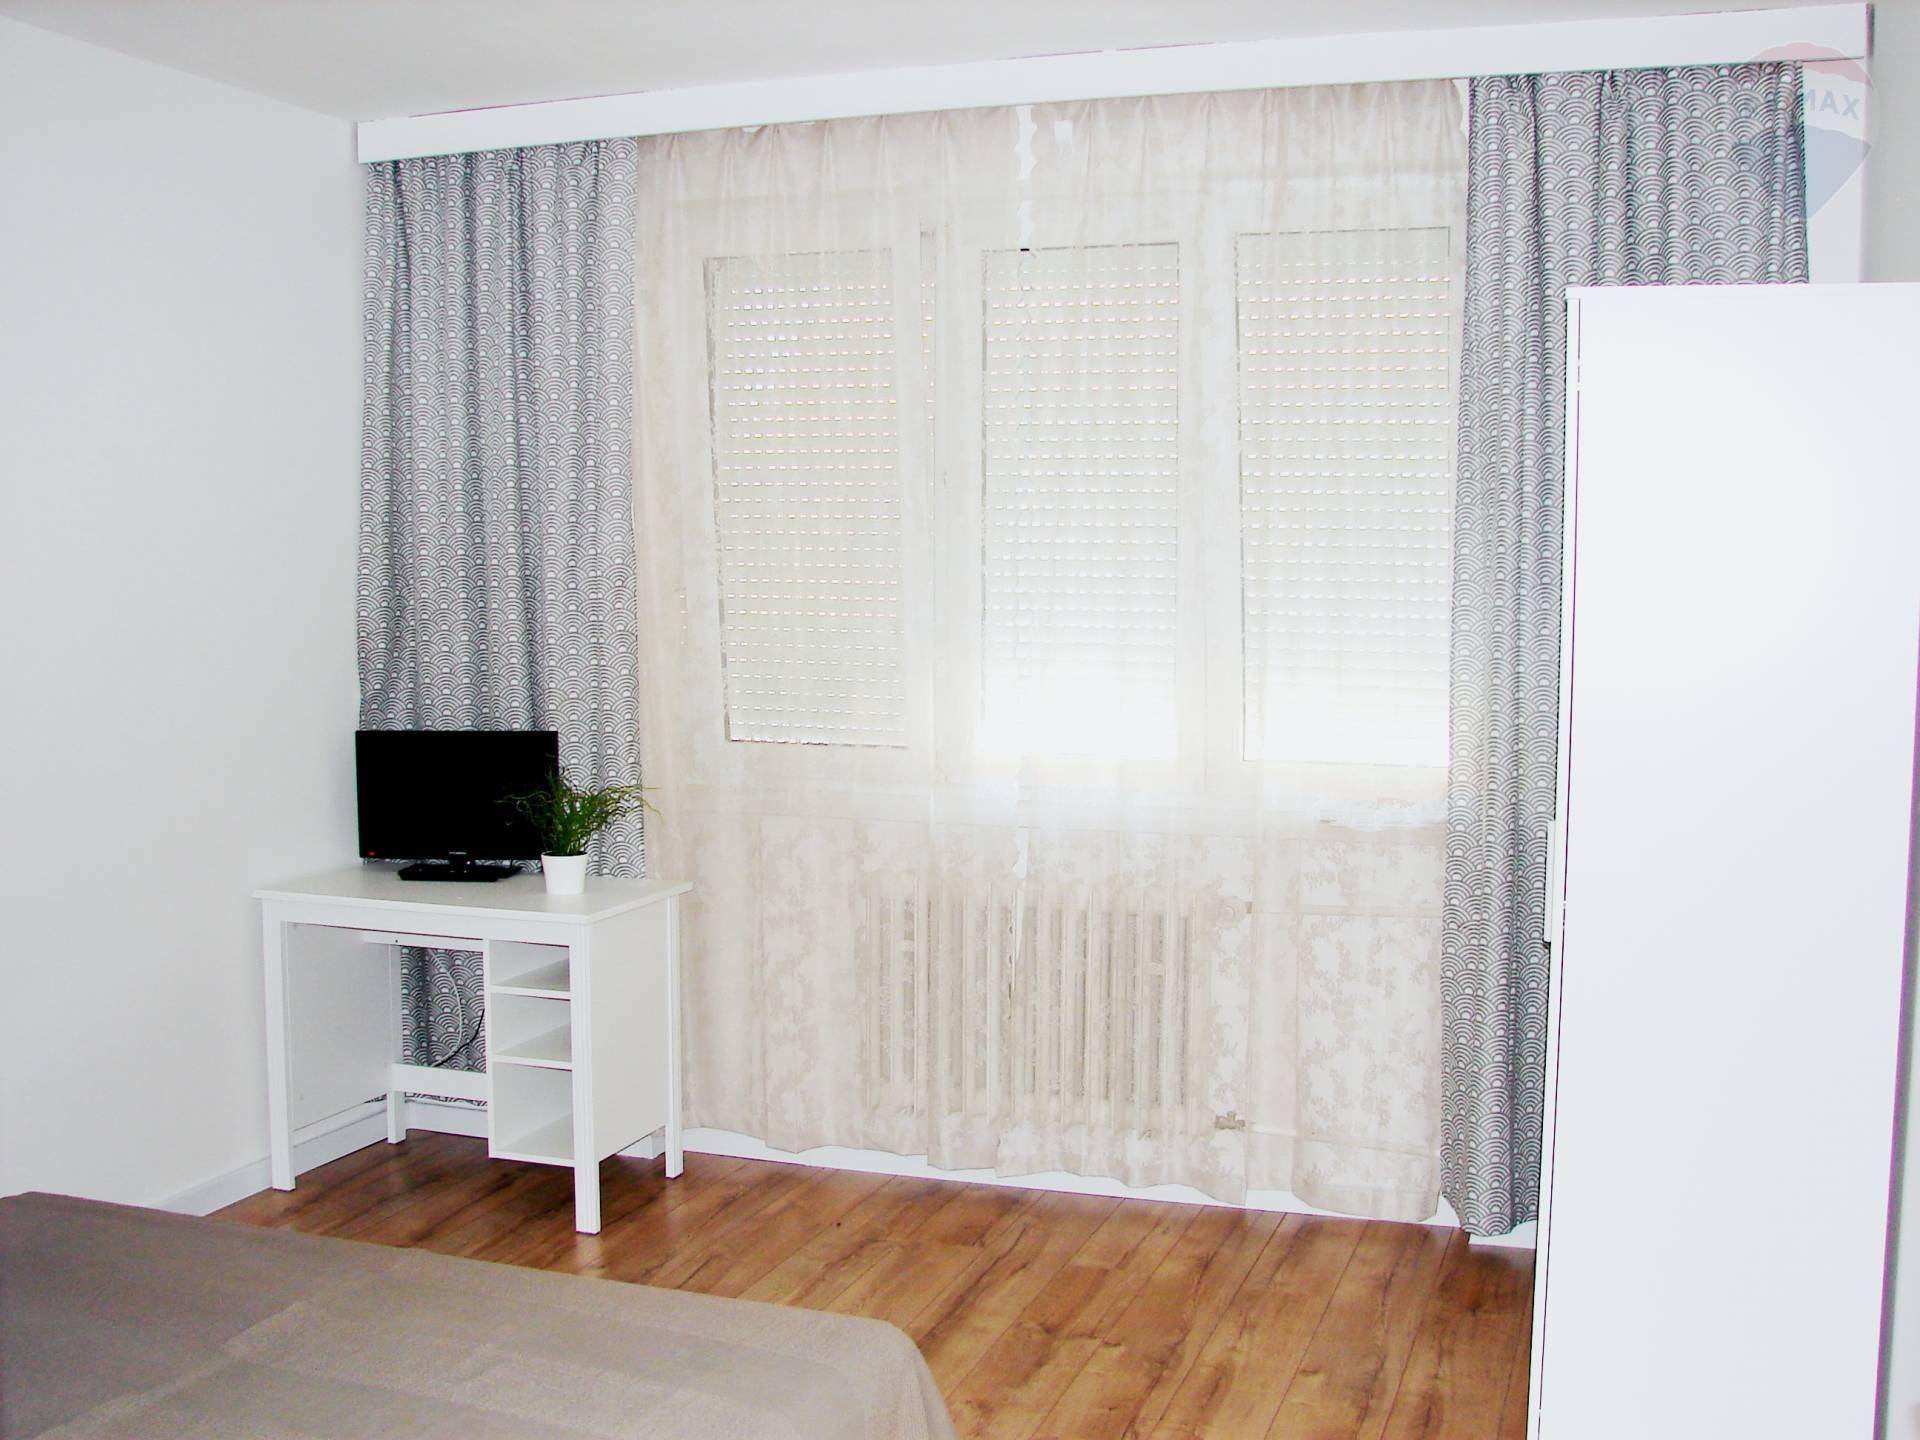 Prenájom bytu (2 izbový) 68 m2, Bratislava - Nové Mesto - PRENÁJOM: 2 izbový byt, Osadná ulica, Nové Mesto